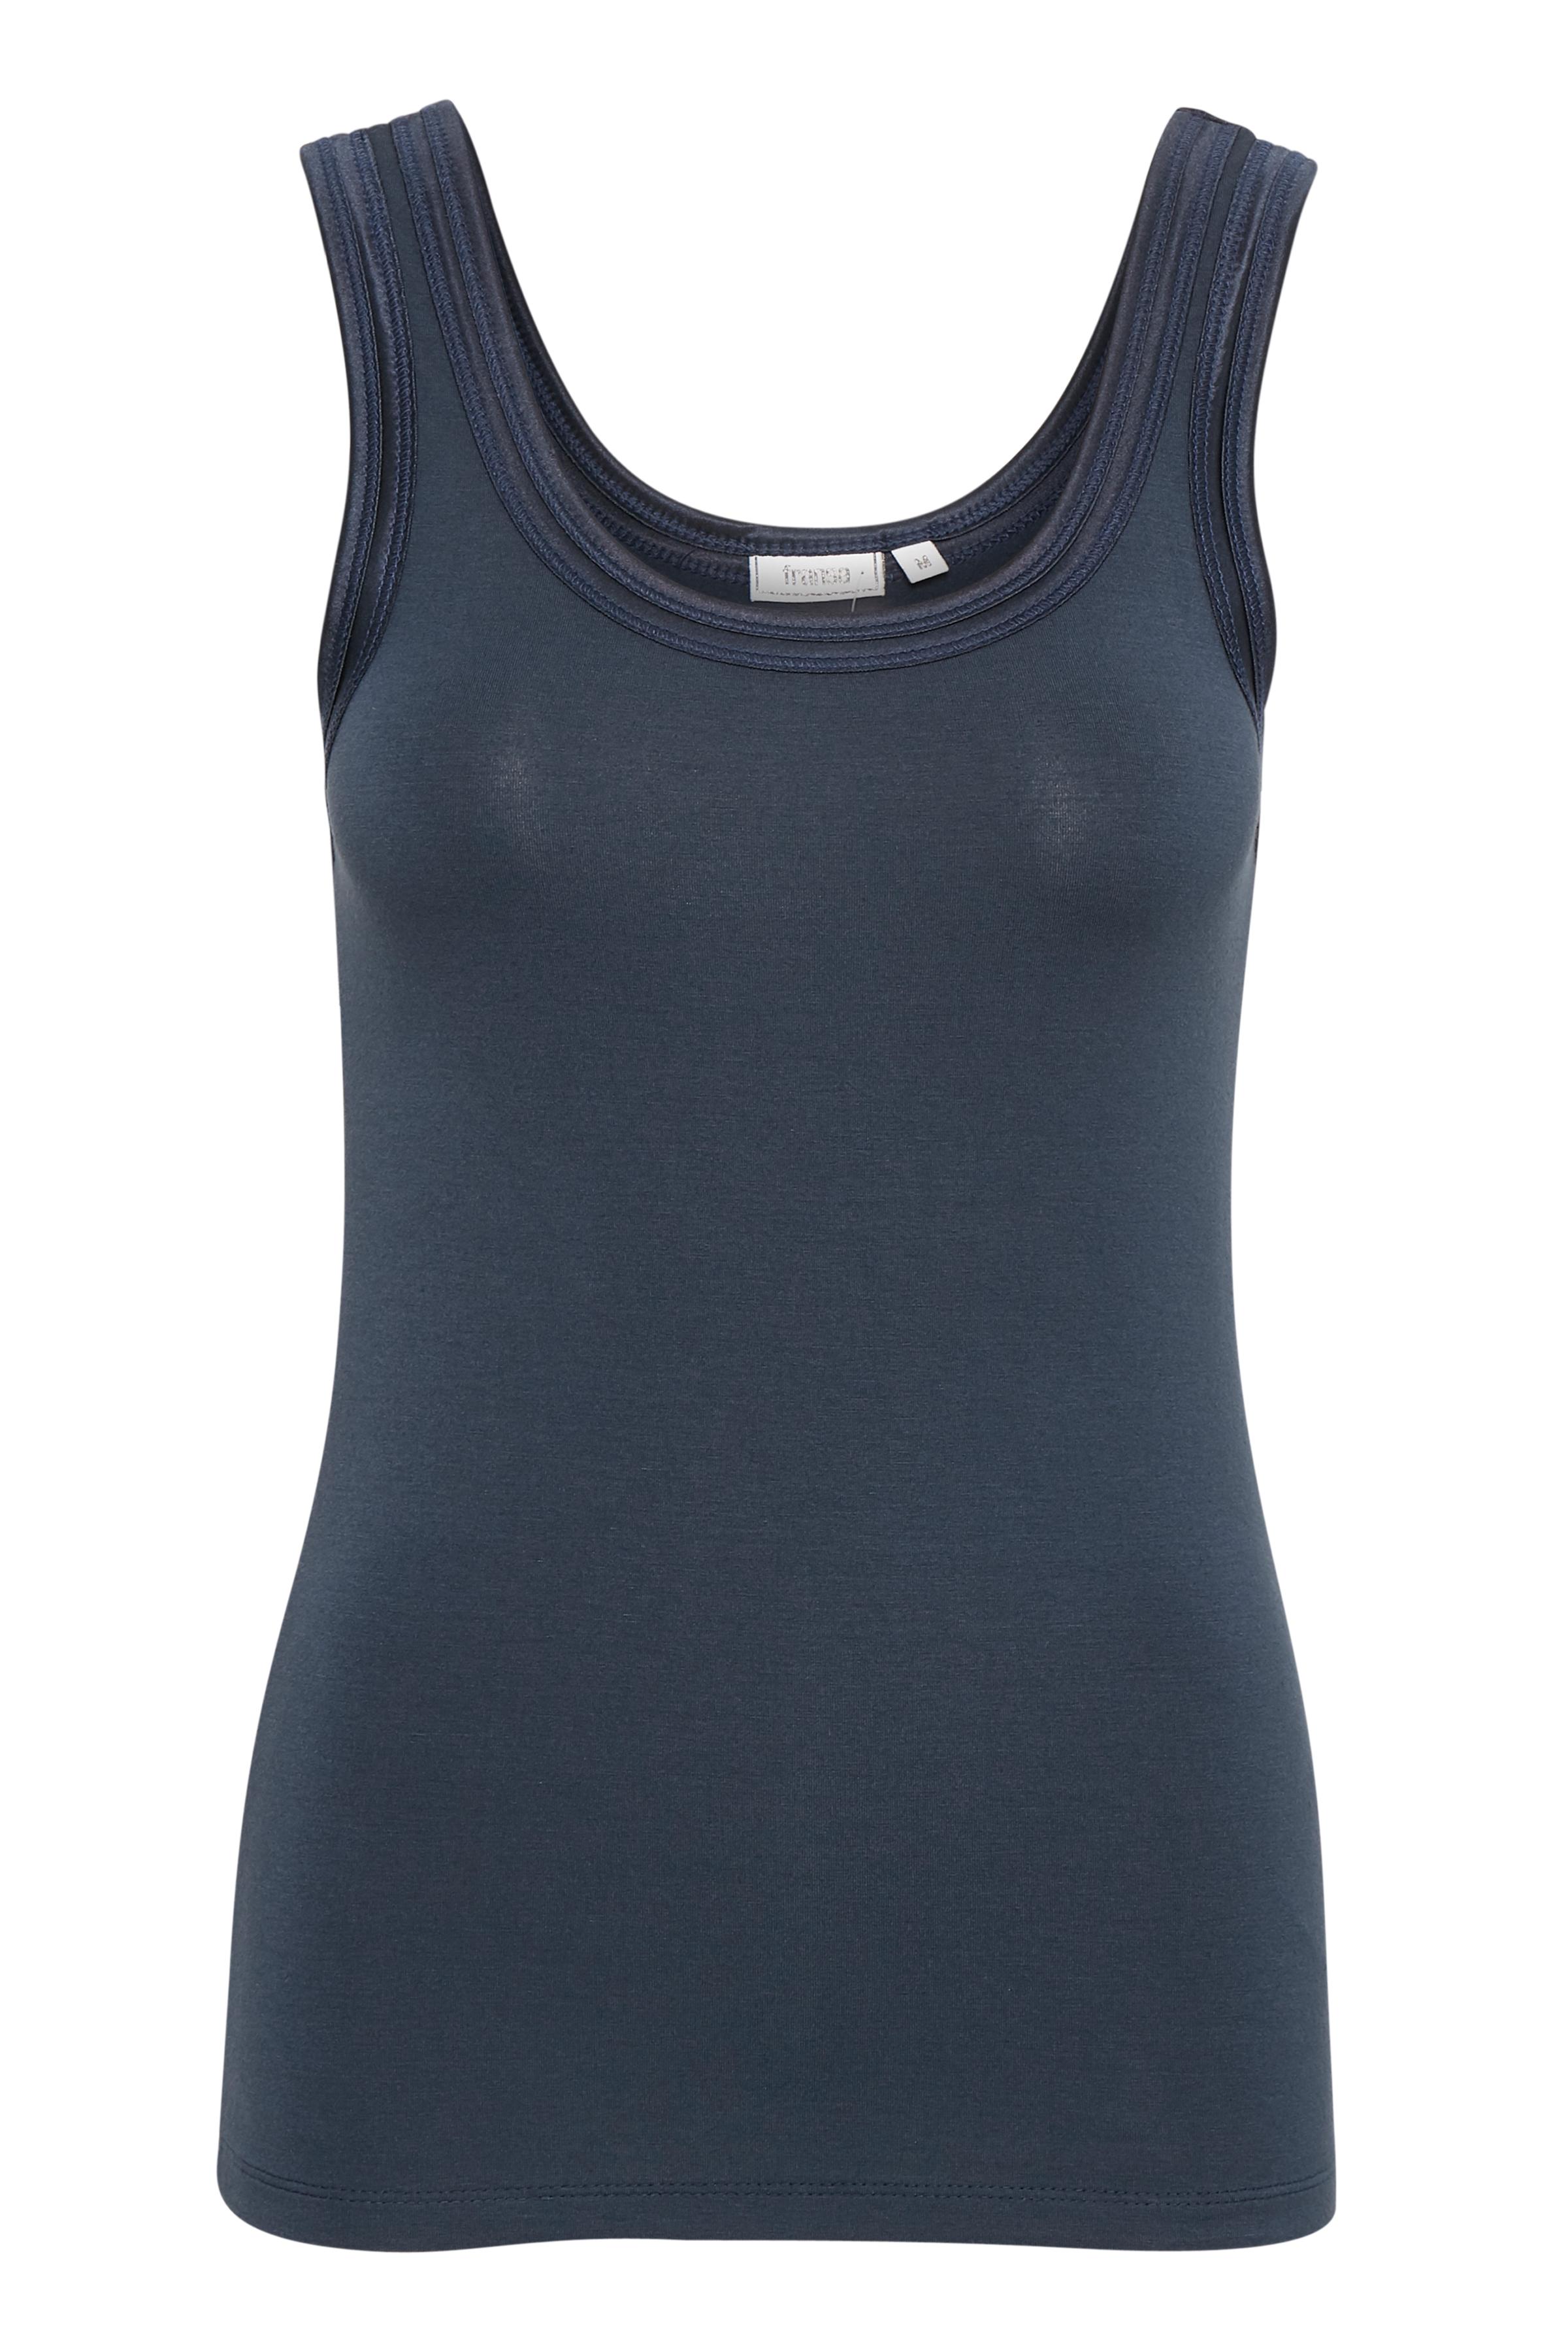 Dunkel marineblau